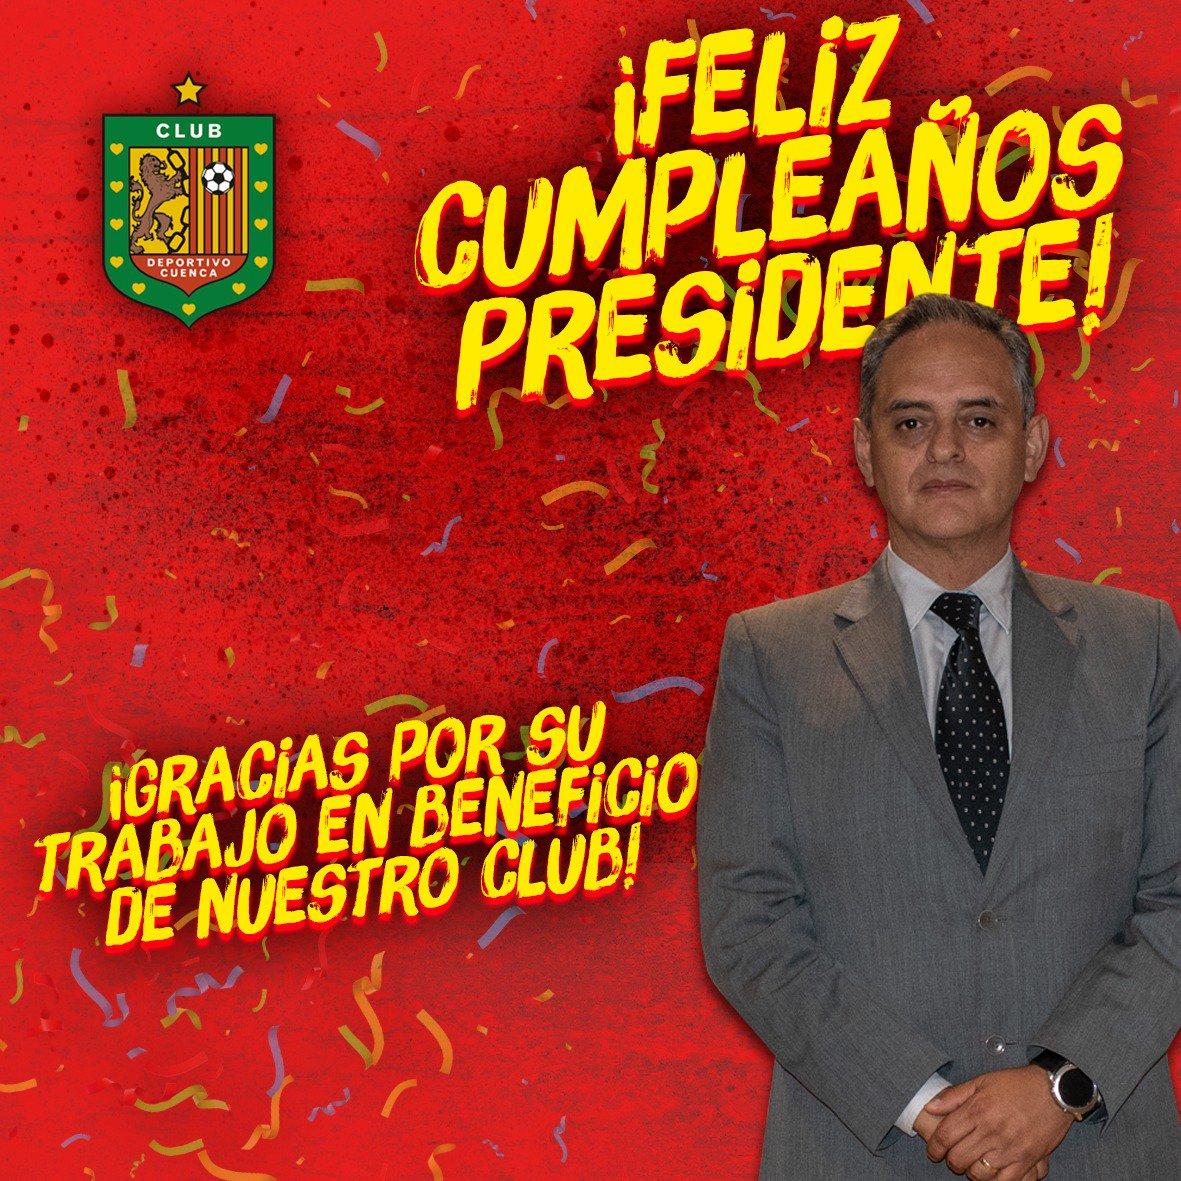 Hoy el CLUB DEPORTIVO CUENCA tiene el agrado de felicitar a nuestro estimado Presidente, el Ing. Claudio Peñaherrera por motivo de su cumpleaños. 🎉 Queremos agradecer por todos sus años de entrega y apoyo incondicional al Club. 🔴⚫ ¡Feliz cumpleaños Presidente @Clapenaher ! 👔